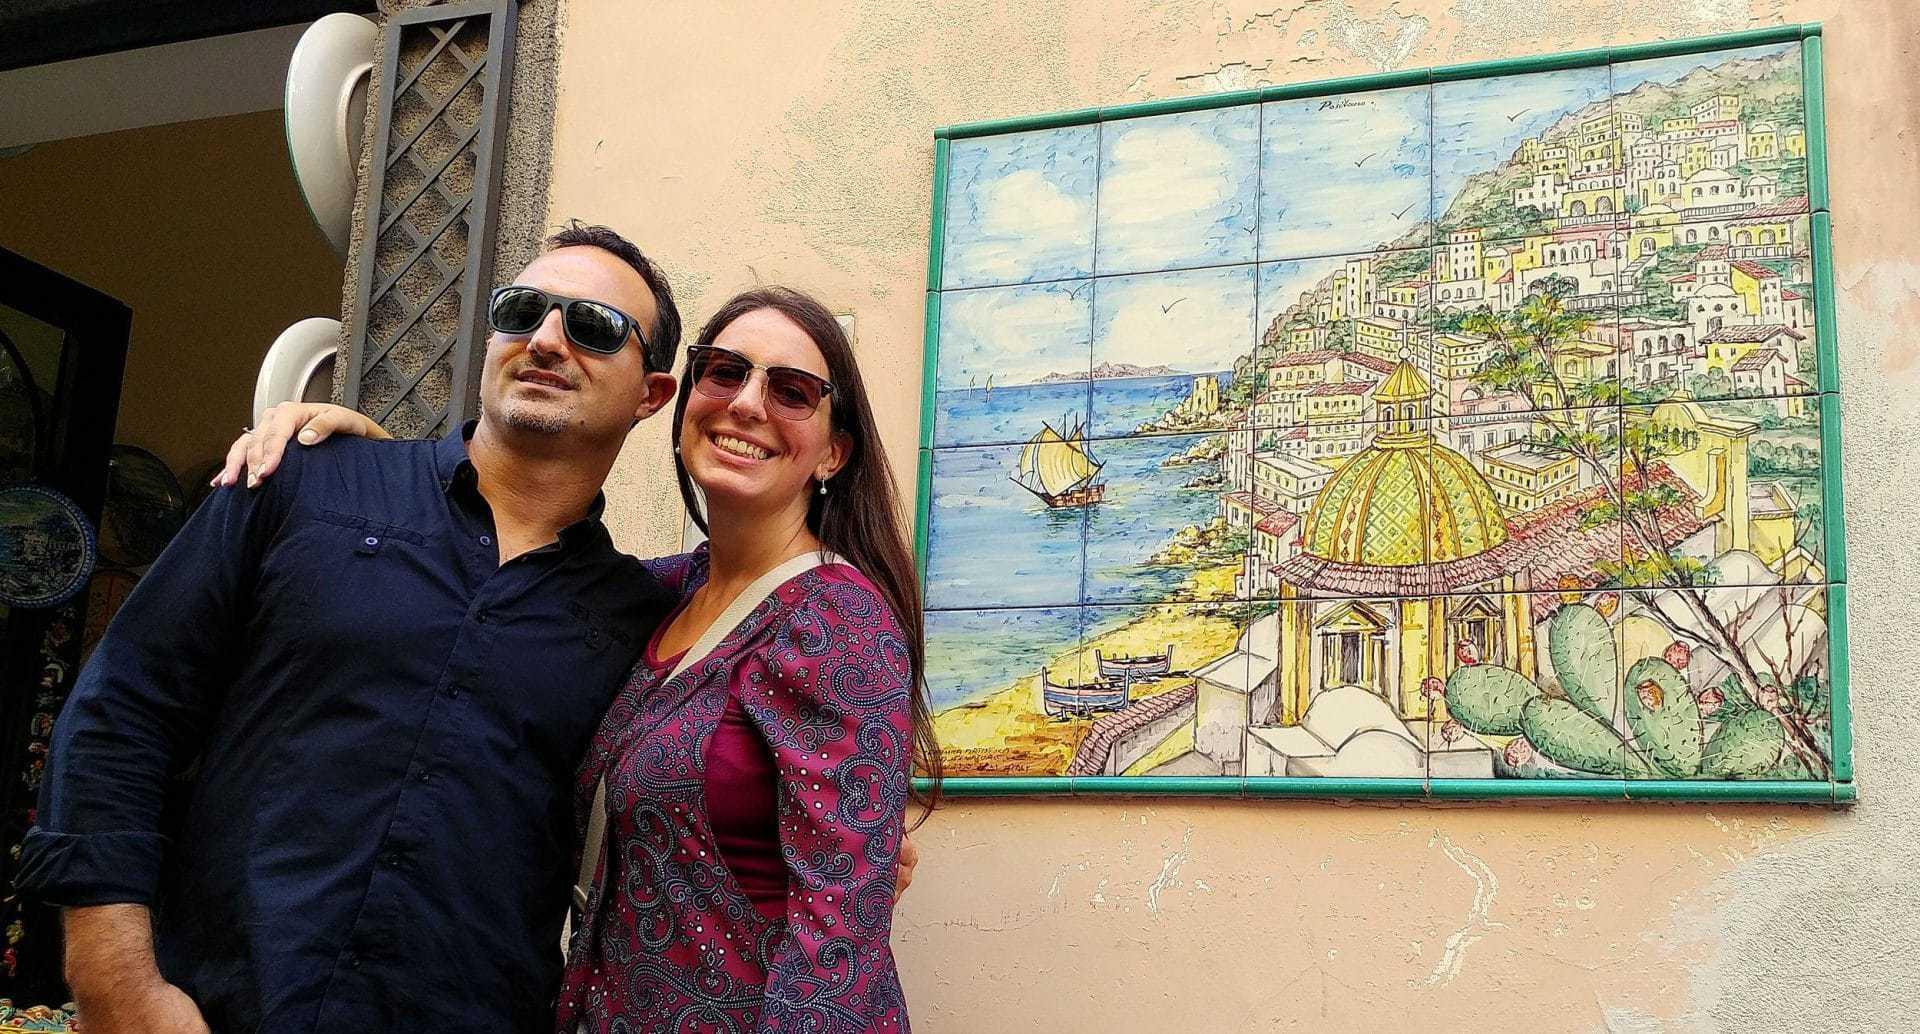 Cosa vedere a Vietri sul Mare: itinerario a piedi nel centro storico della città della Ceramica